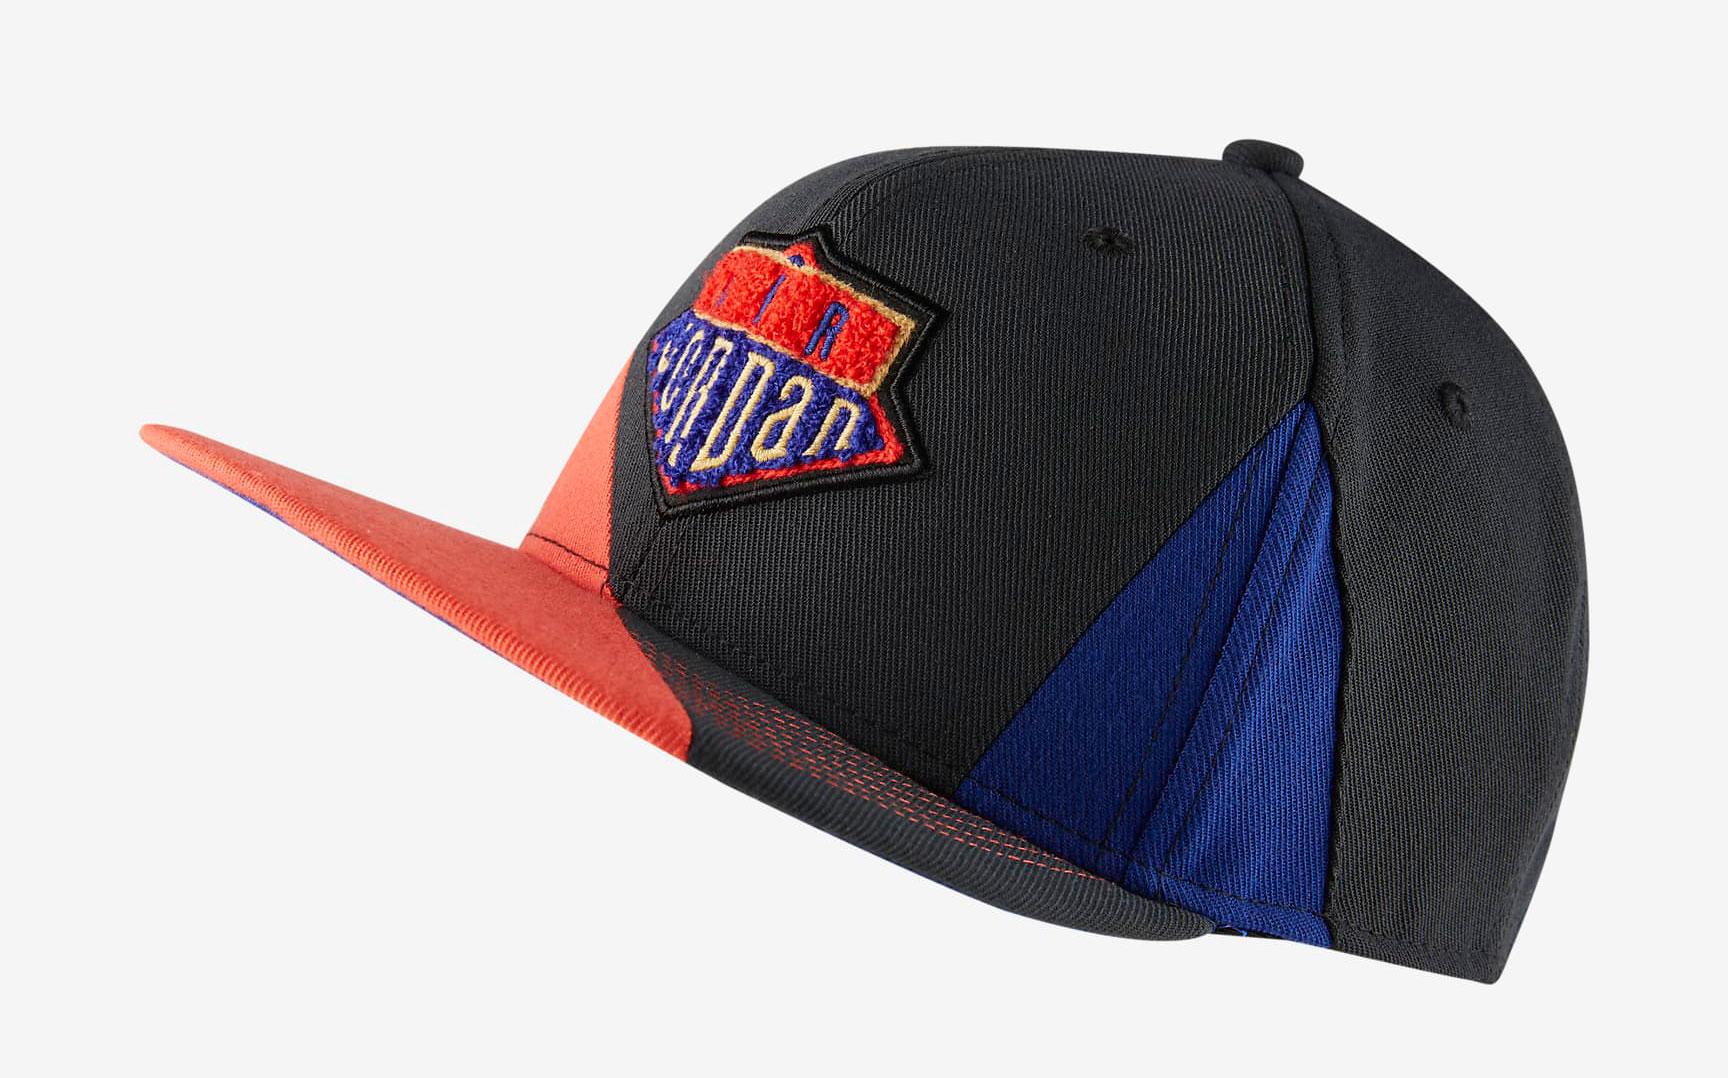 jordan-sport-dna-hat-black-royal-red